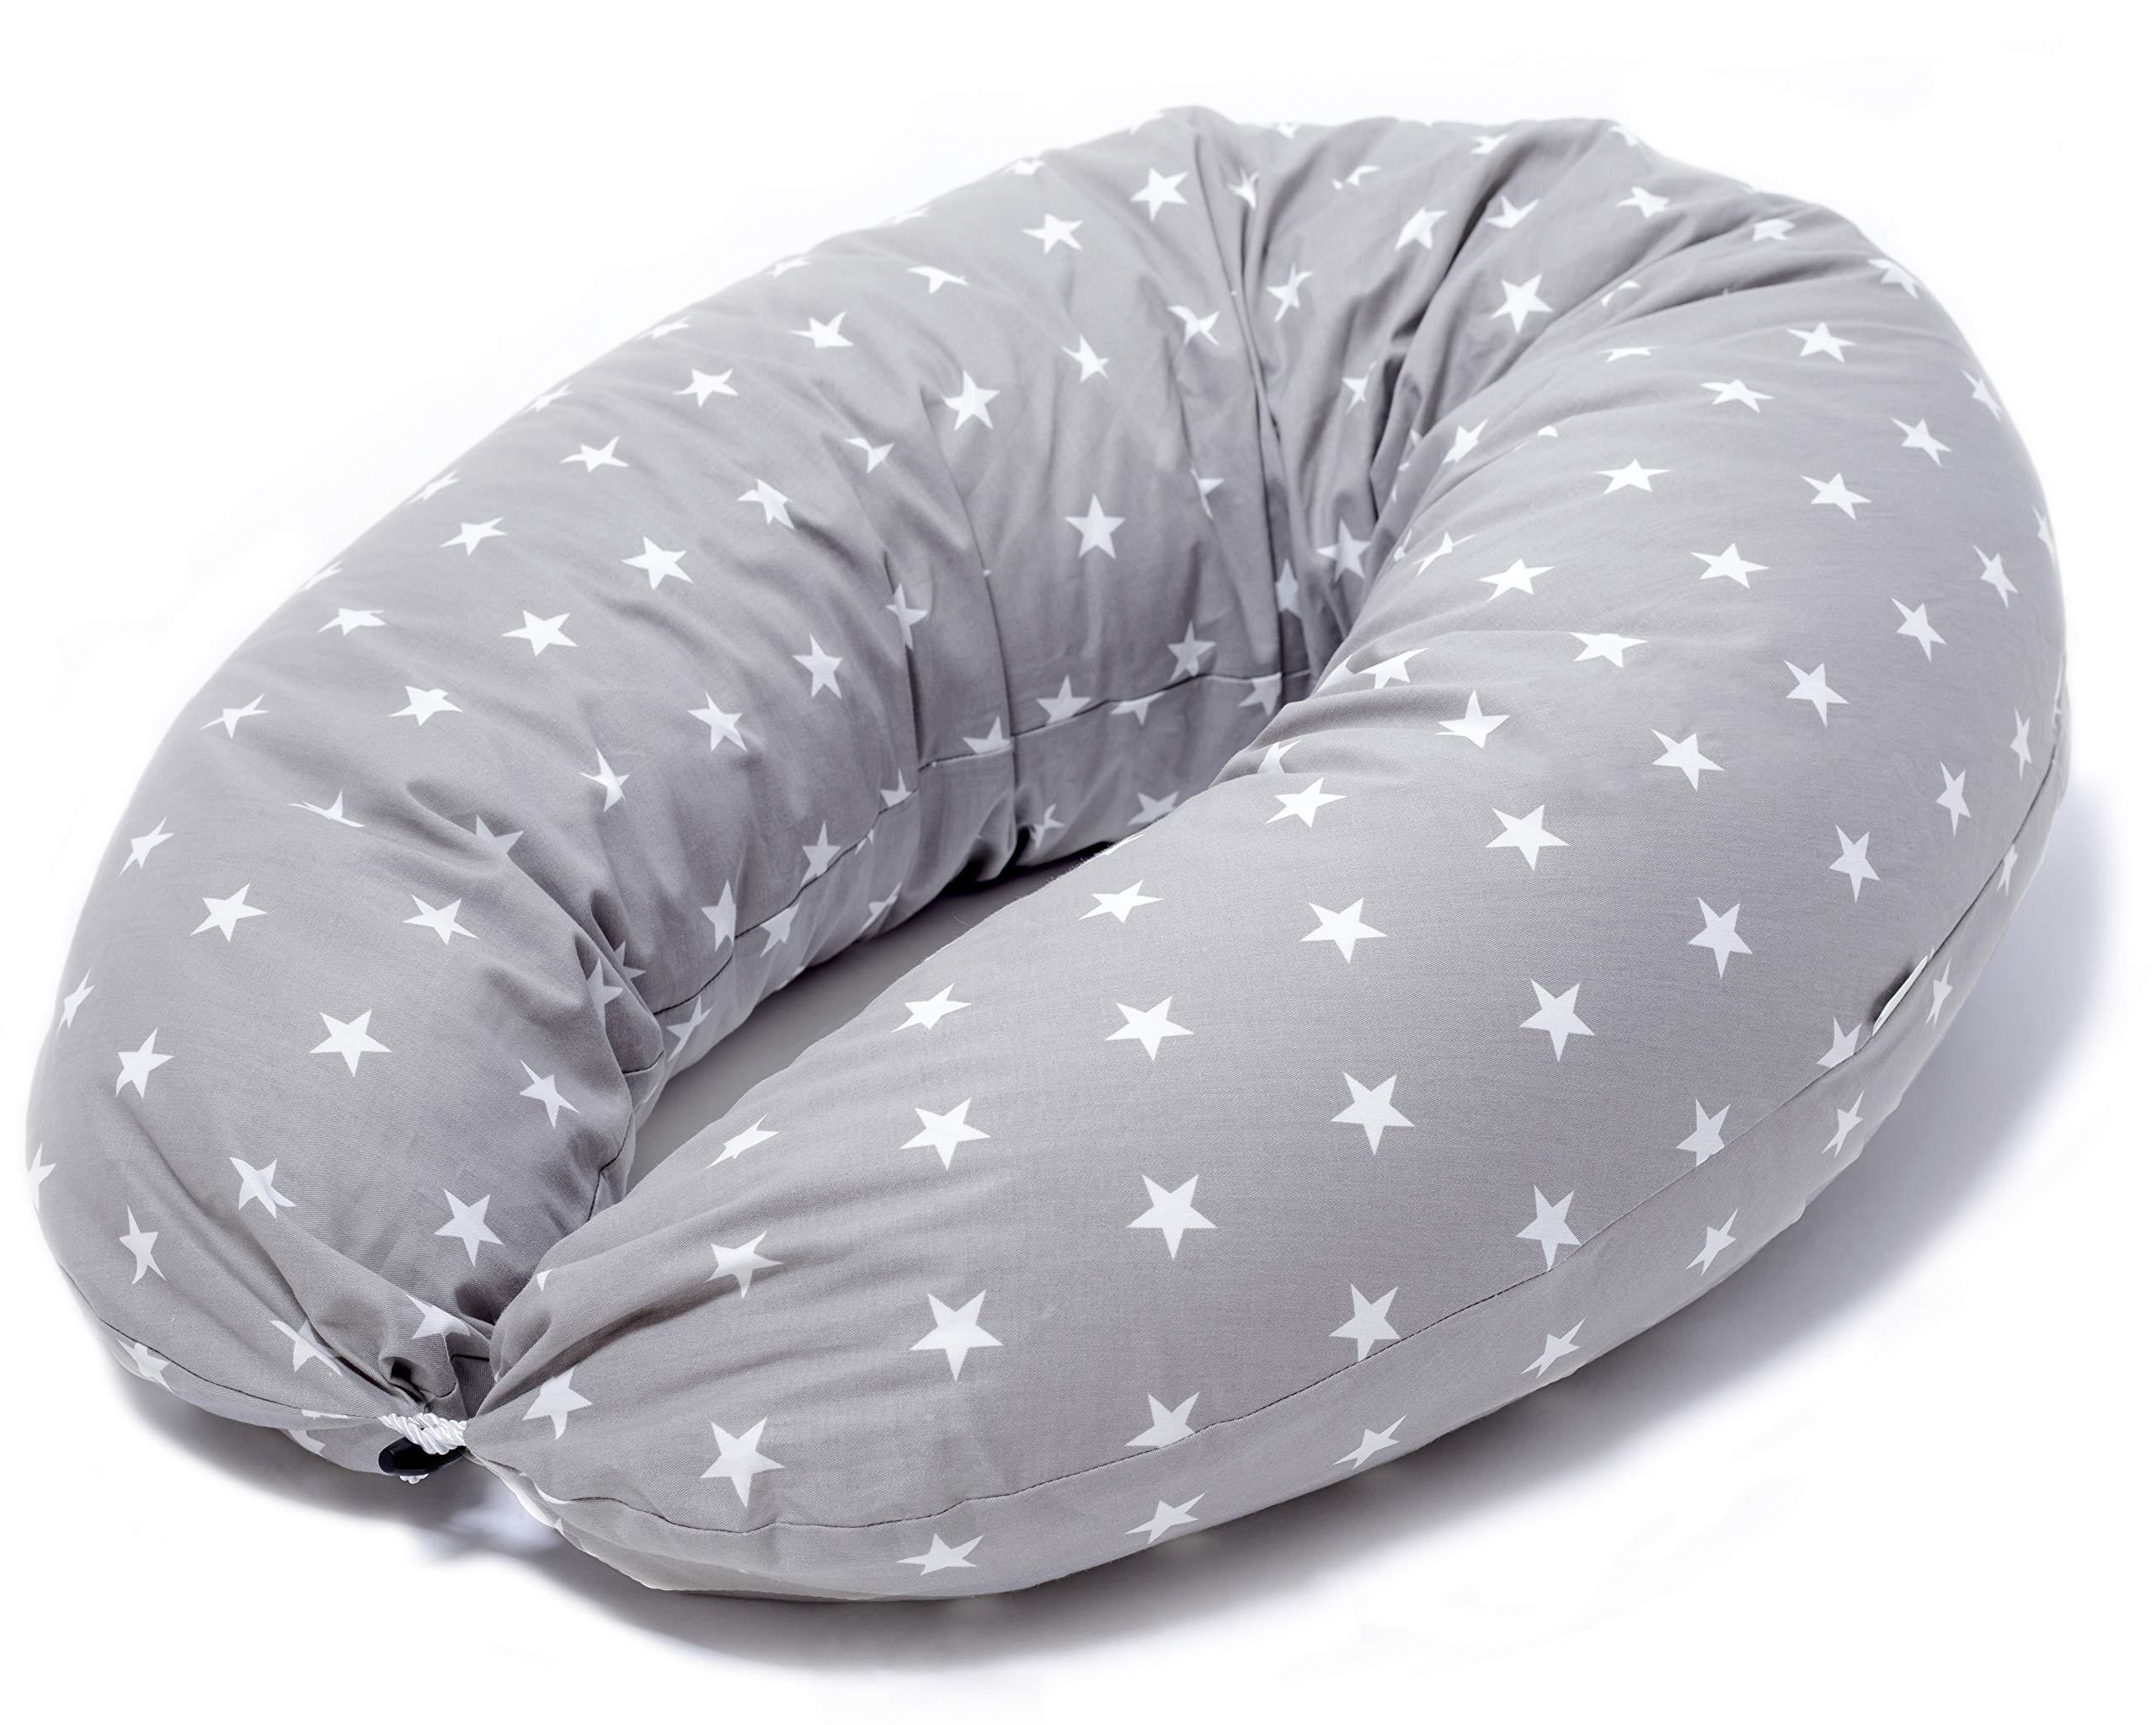 Cojin Lactancia Bebe & Almohada Embarazo Dormir | Funda Cojin 100% Algodon Color Gris con Estrellas Blancas, Desenfundable y Lavable | Relleno de Fibra ...